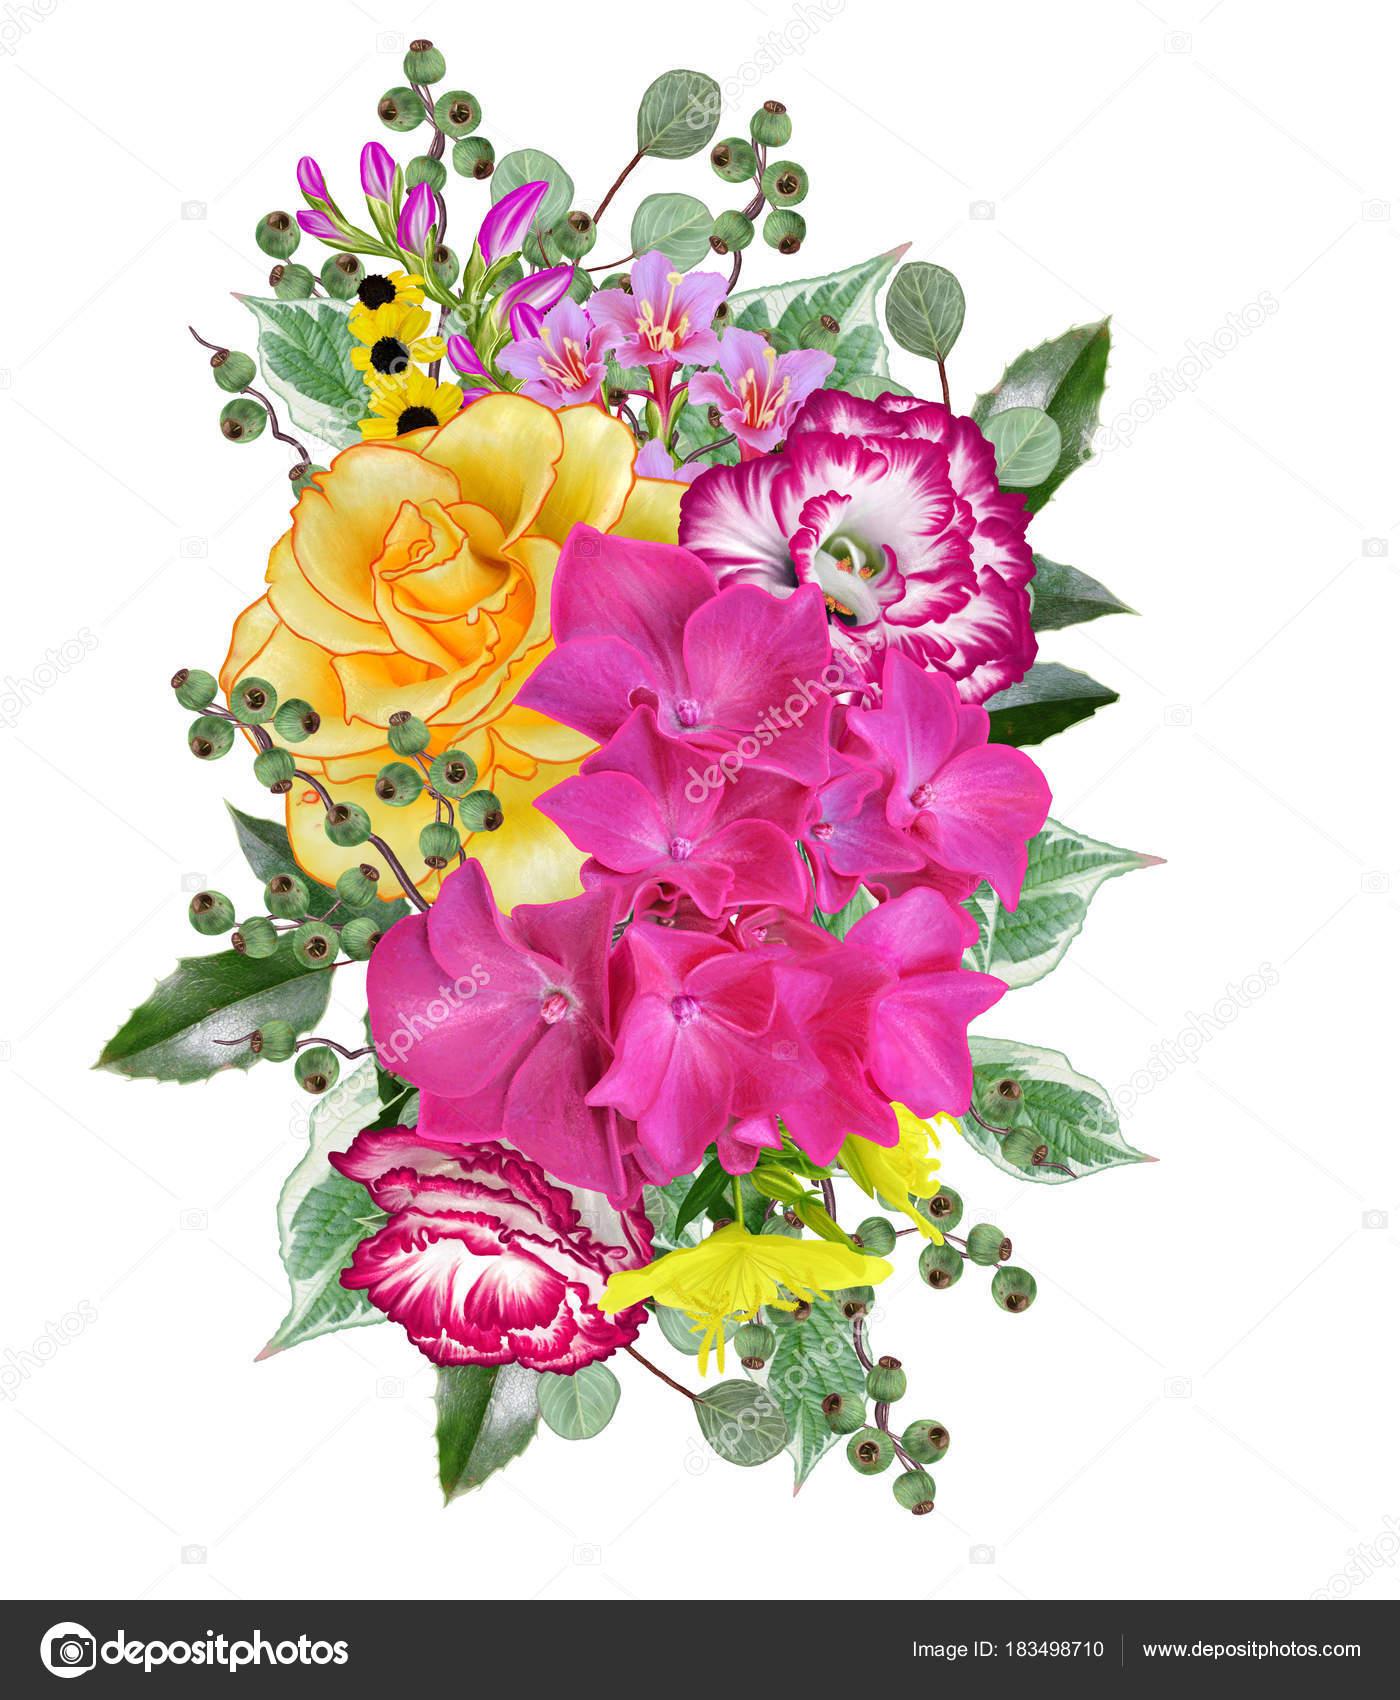 Открытка с благодарностью цветы и ягоды в букете 64